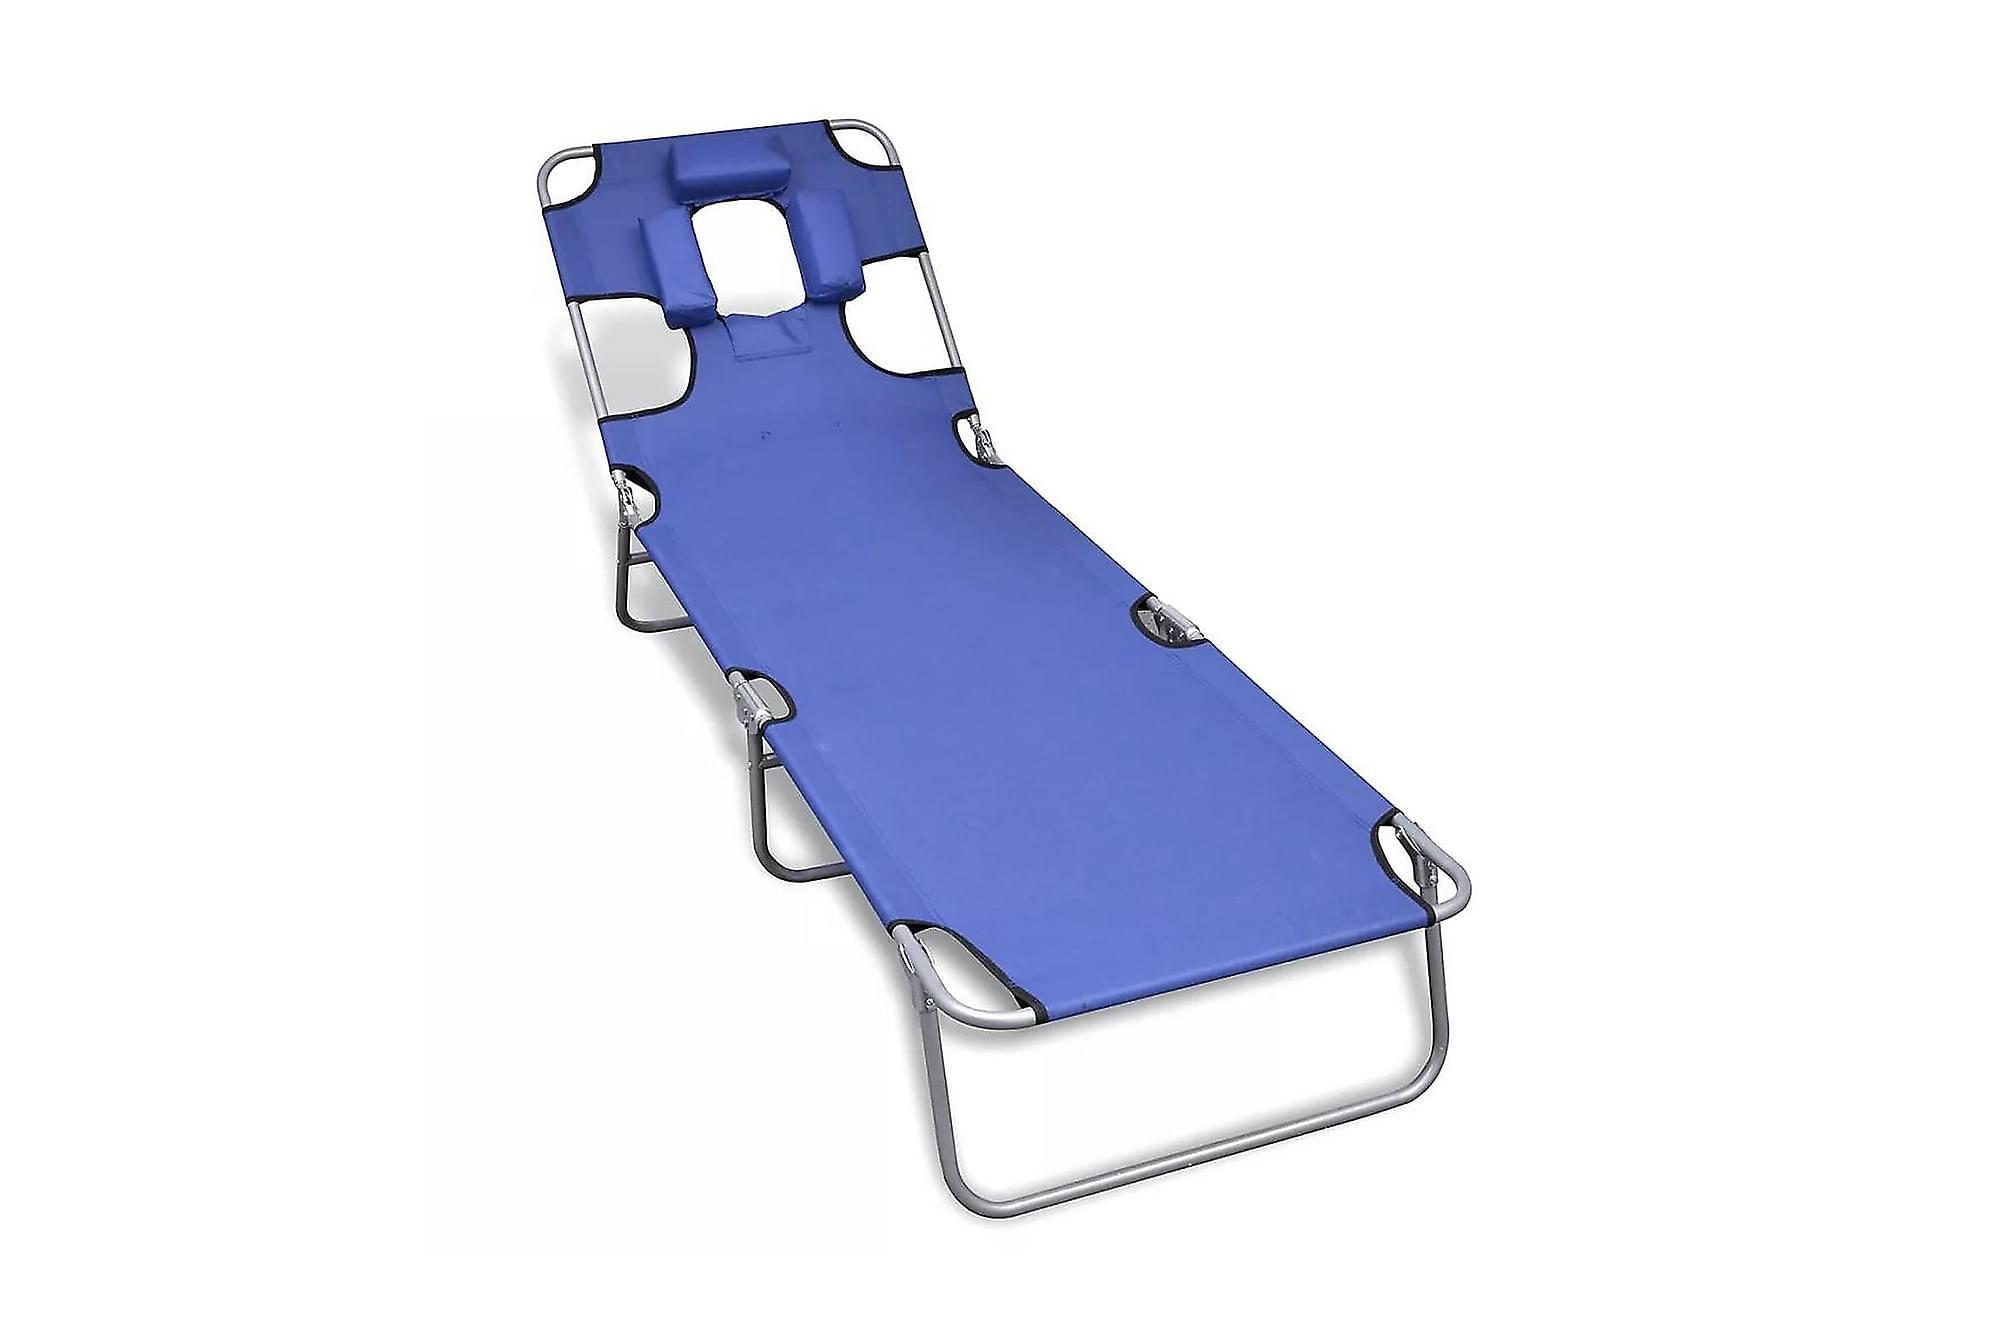 Hopfällbar solsäng med huvudkudde pulverlackerat stål blå, Solsängar & solvagnar